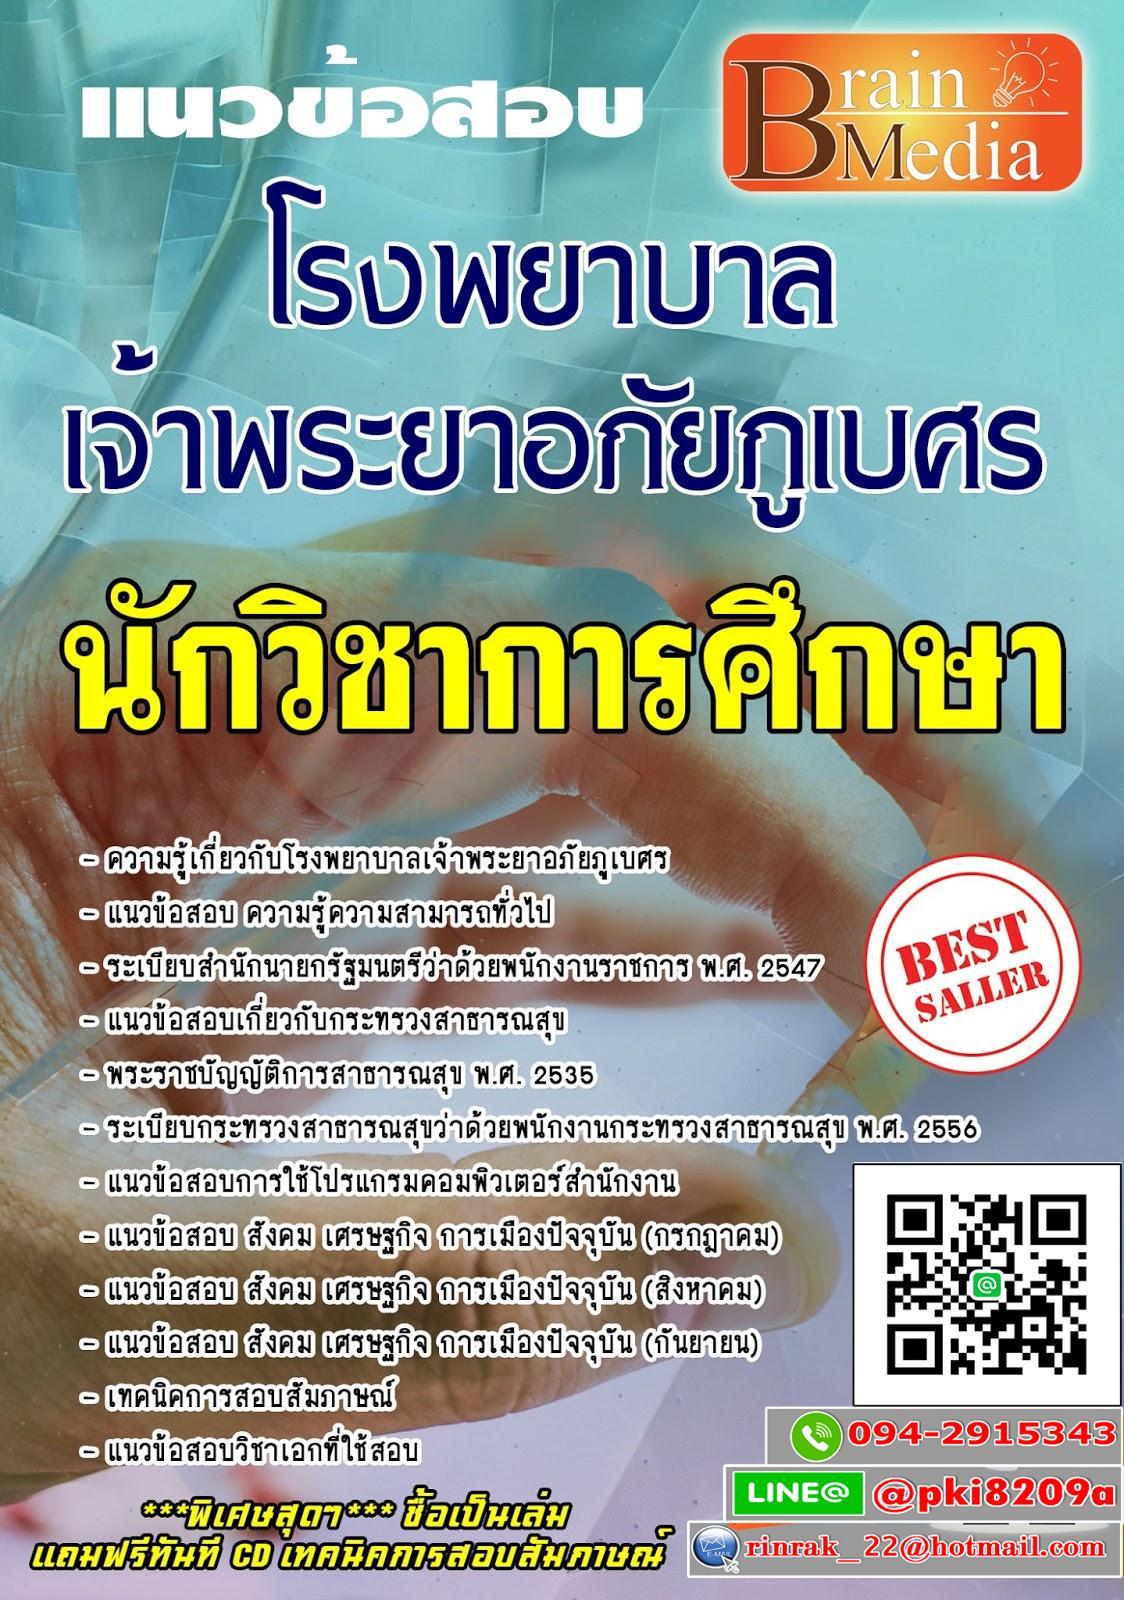 สรุปแนวข้อสอบ นักวิชาการศึกษา โรงพยาบาลเจ้าพระยาอภัยภูเบศร